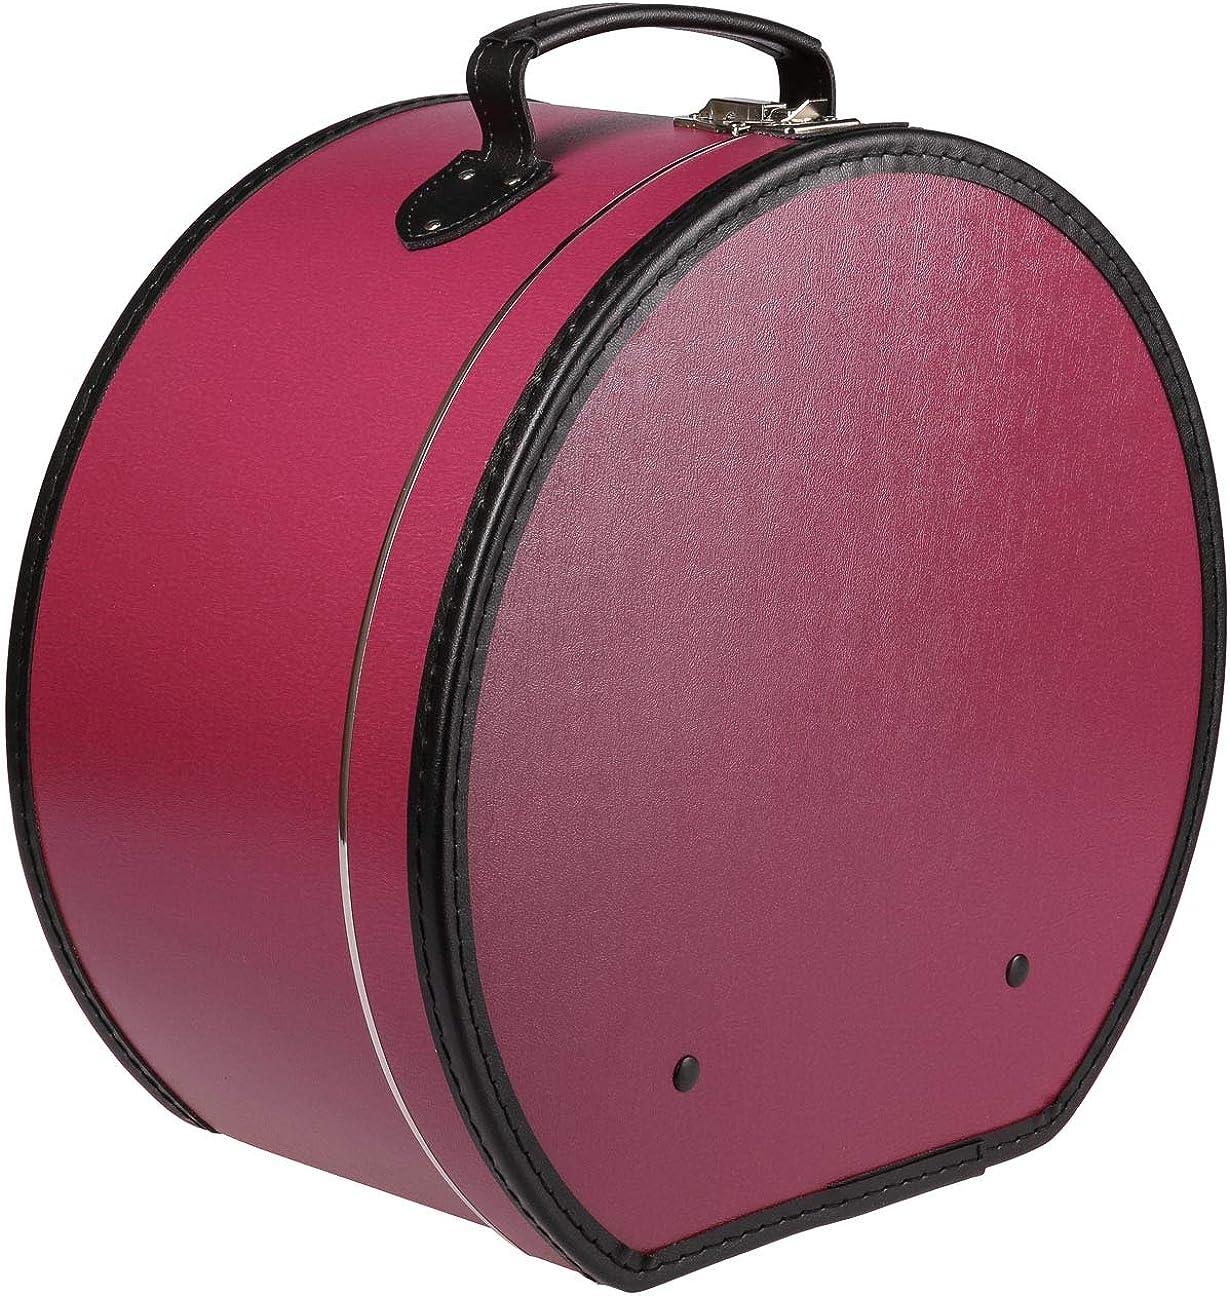 Lierys Sombrerera Redonda y Burdeos roja - Aprox. 40 cm x 21 cm - Caja para Sombrero Grande de Piel sintética - con asa y Cierre - Caja para Sombrero - También